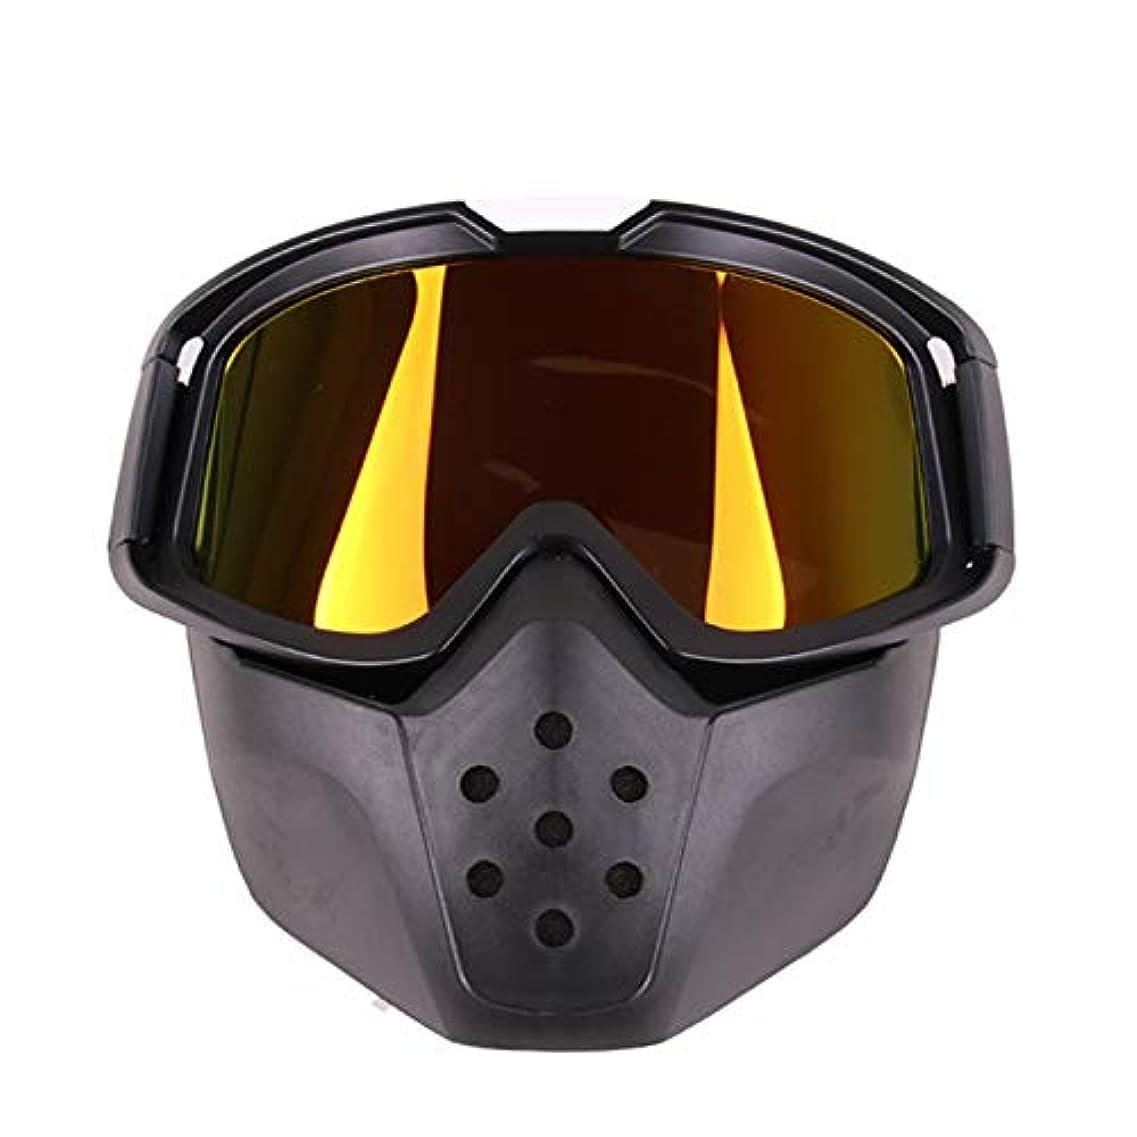 親指めったにアンティークAdisaer スポーツバイクゴーグル 保護メガネ アイウェア 調節可能なストラップ付き メンズ